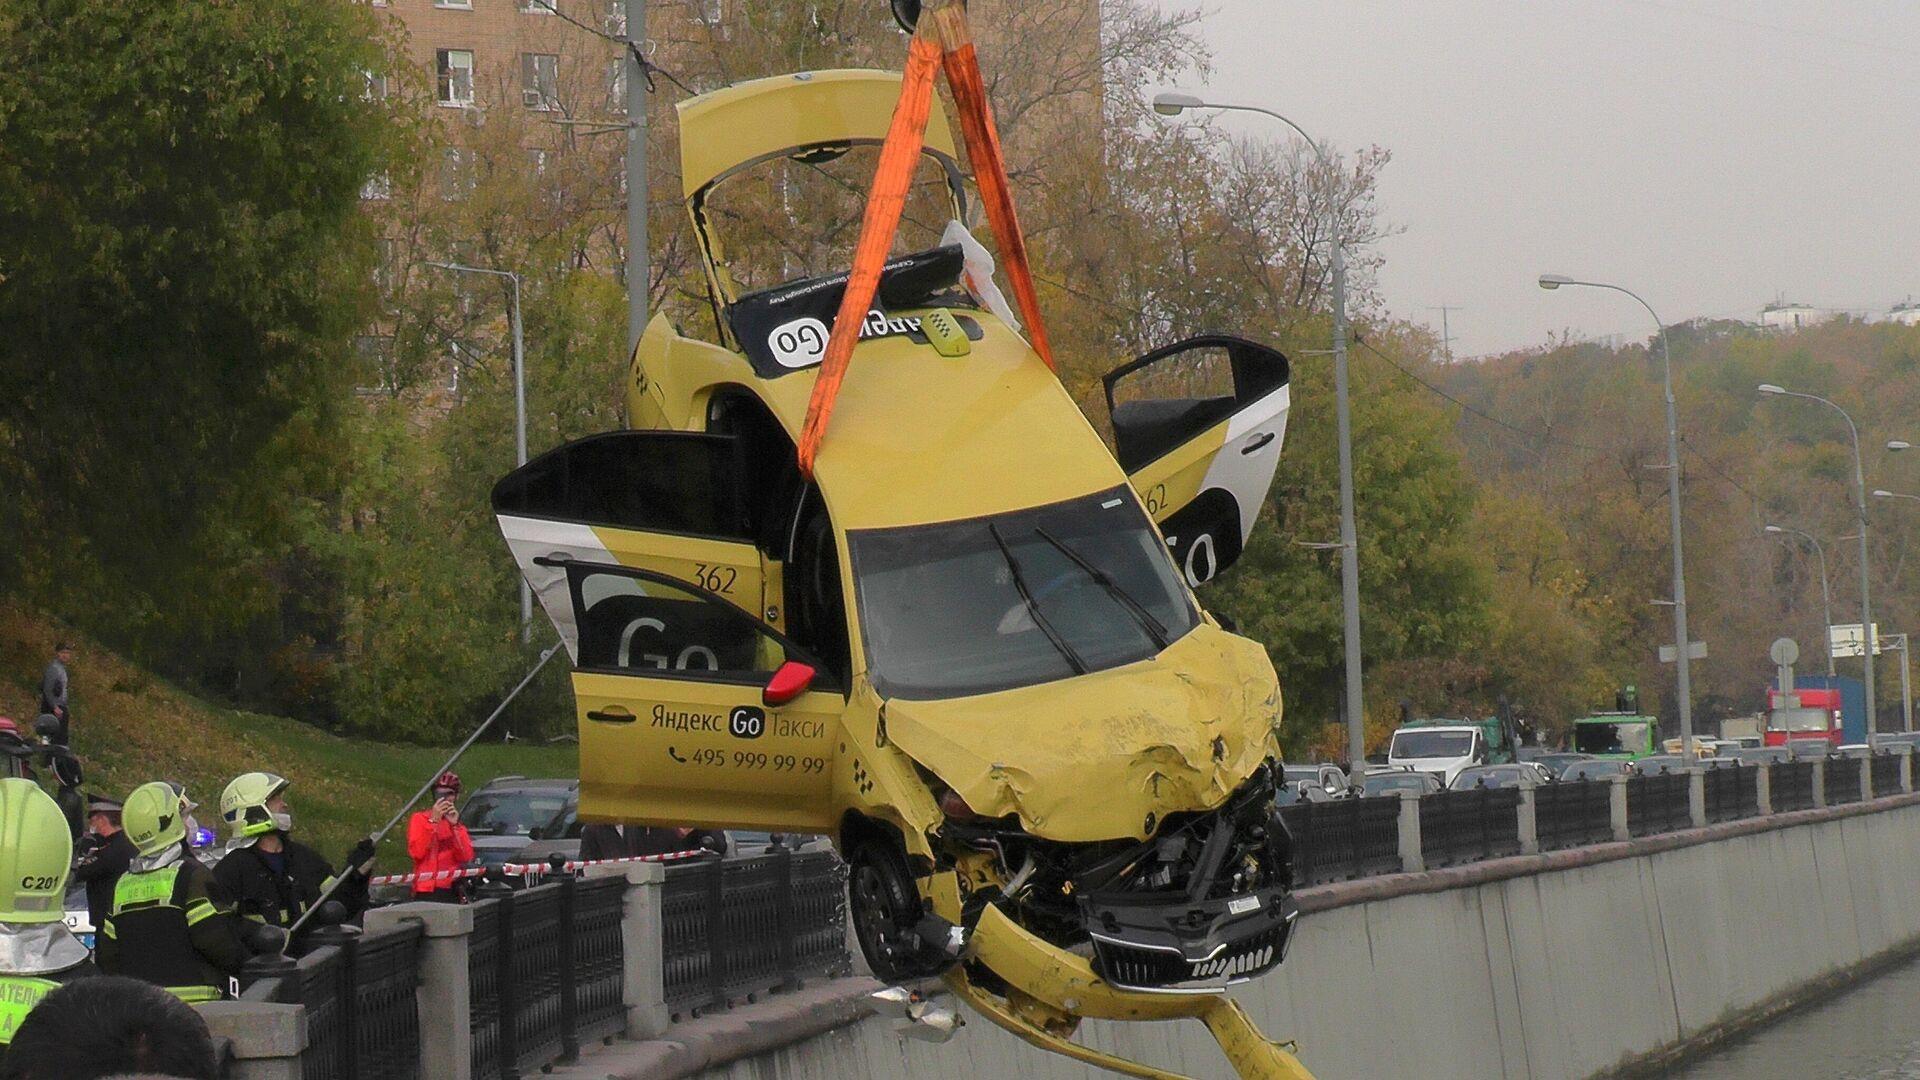 Водитель упавшего в реку в Москве такси провел за рулем больше 12 часов -  РИА Новости, 15.10.2020